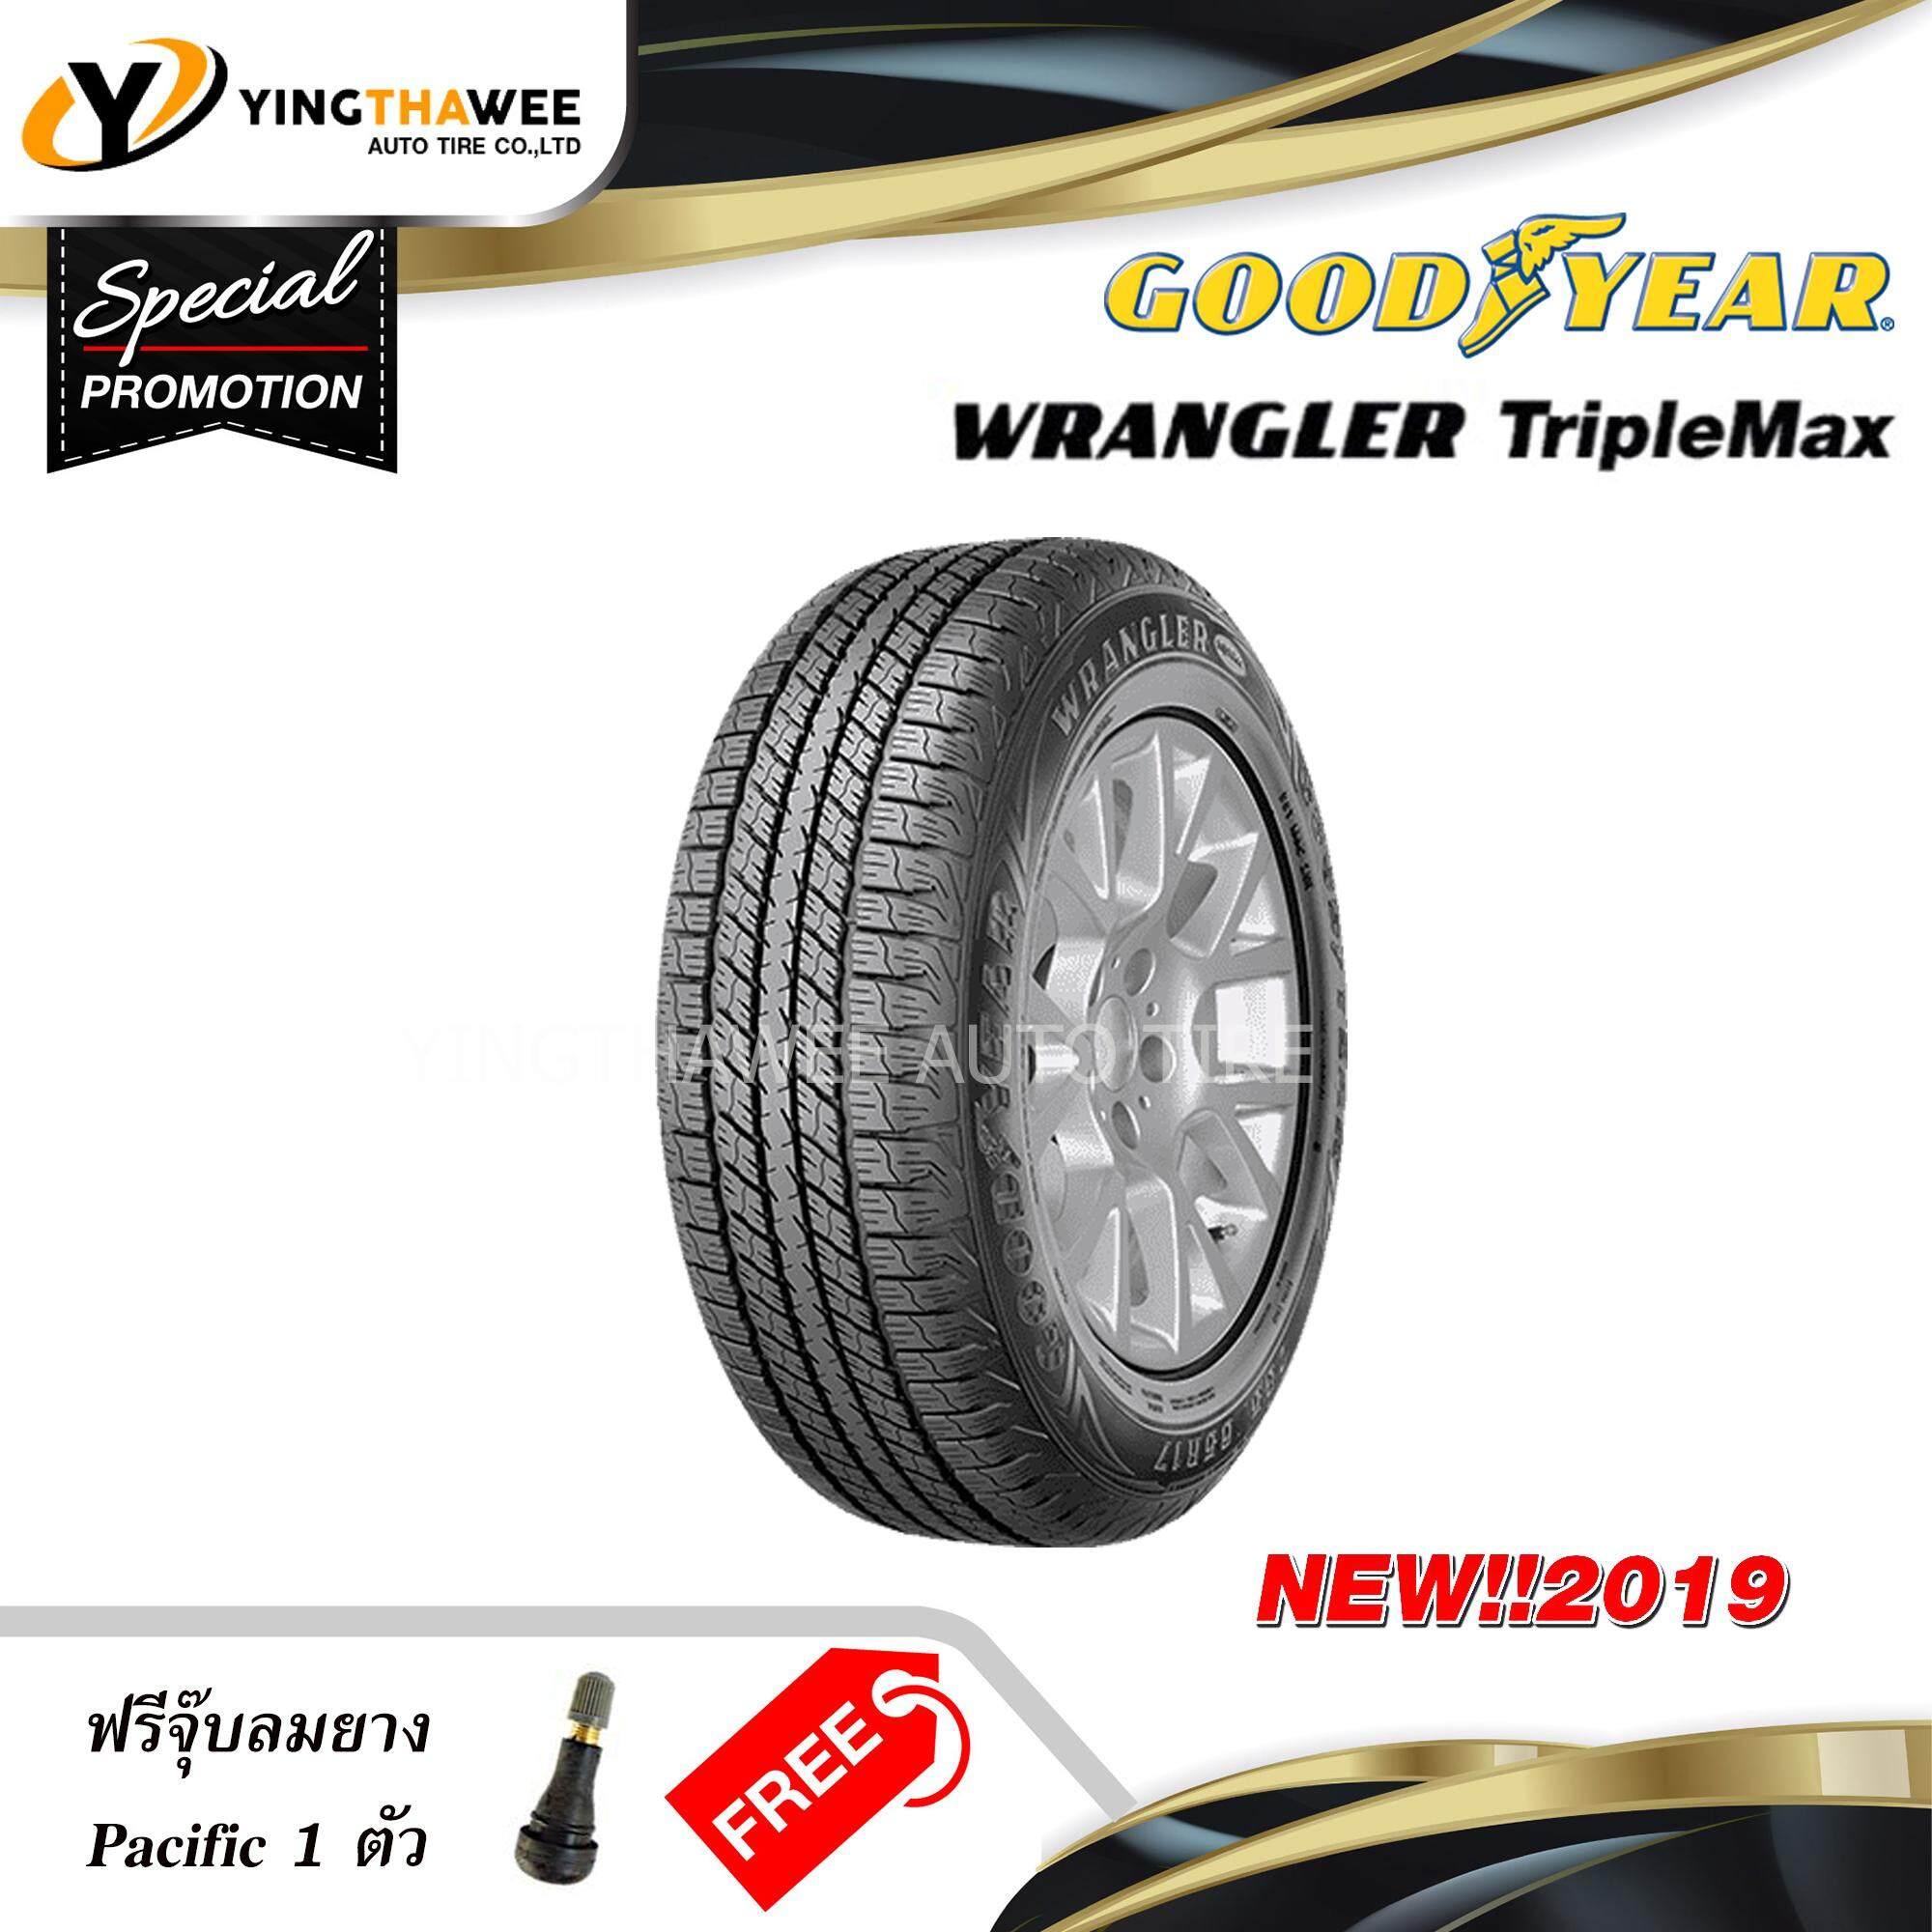 ประกันภัย รถยนต์ 3 พลัส ราคา ถูก ปราจีนบุรี GOODYEAR ยางรถยนต์ 265/70R16 รุ่น Wrangler Triplemax 1 เส้น (ปี 2019) แถมจุ๊บลมยางหัวทองเหลือง 1ตัว